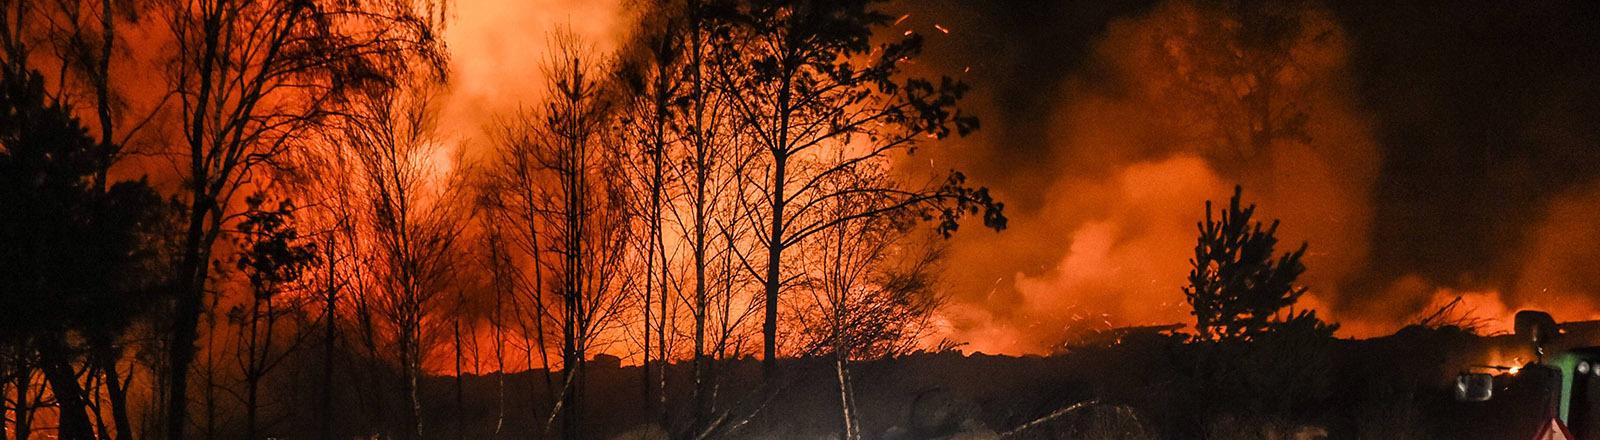 Ein Wald brennt, davor Löschfahrzeuge und Traktoren.